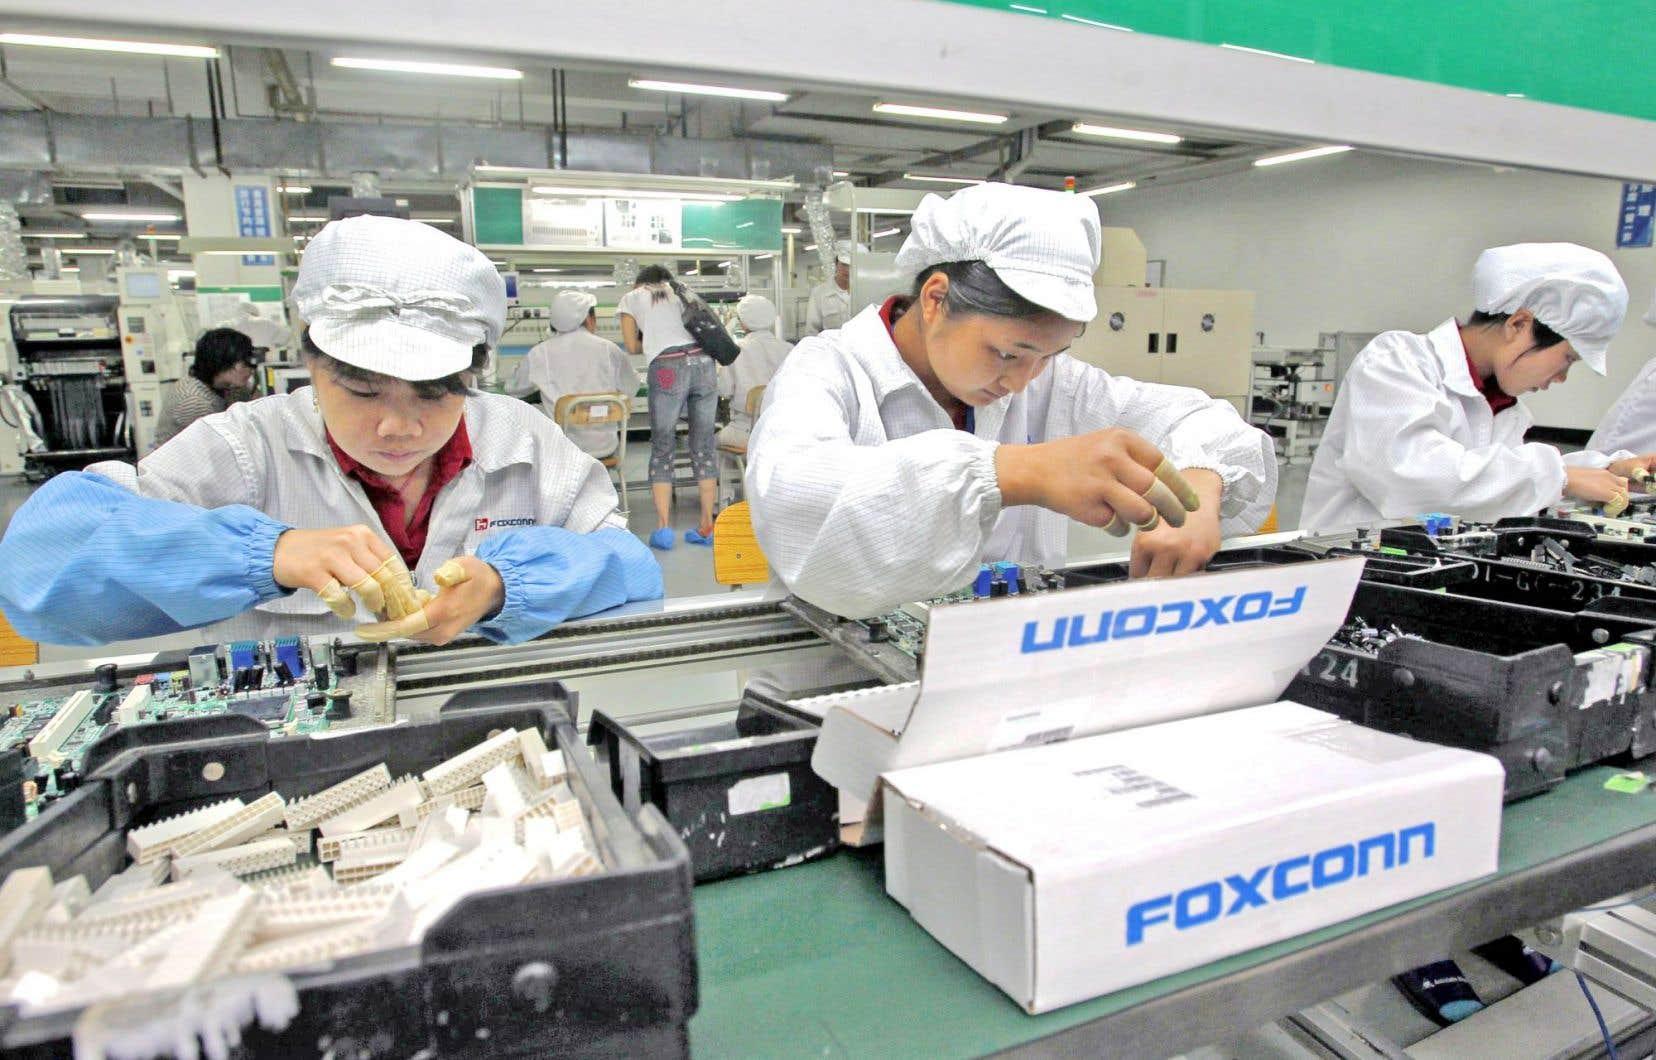 Les États-Unis sont redevenus la destination la plus choisie (27%) pour implanter de nouvelles usines américaines.